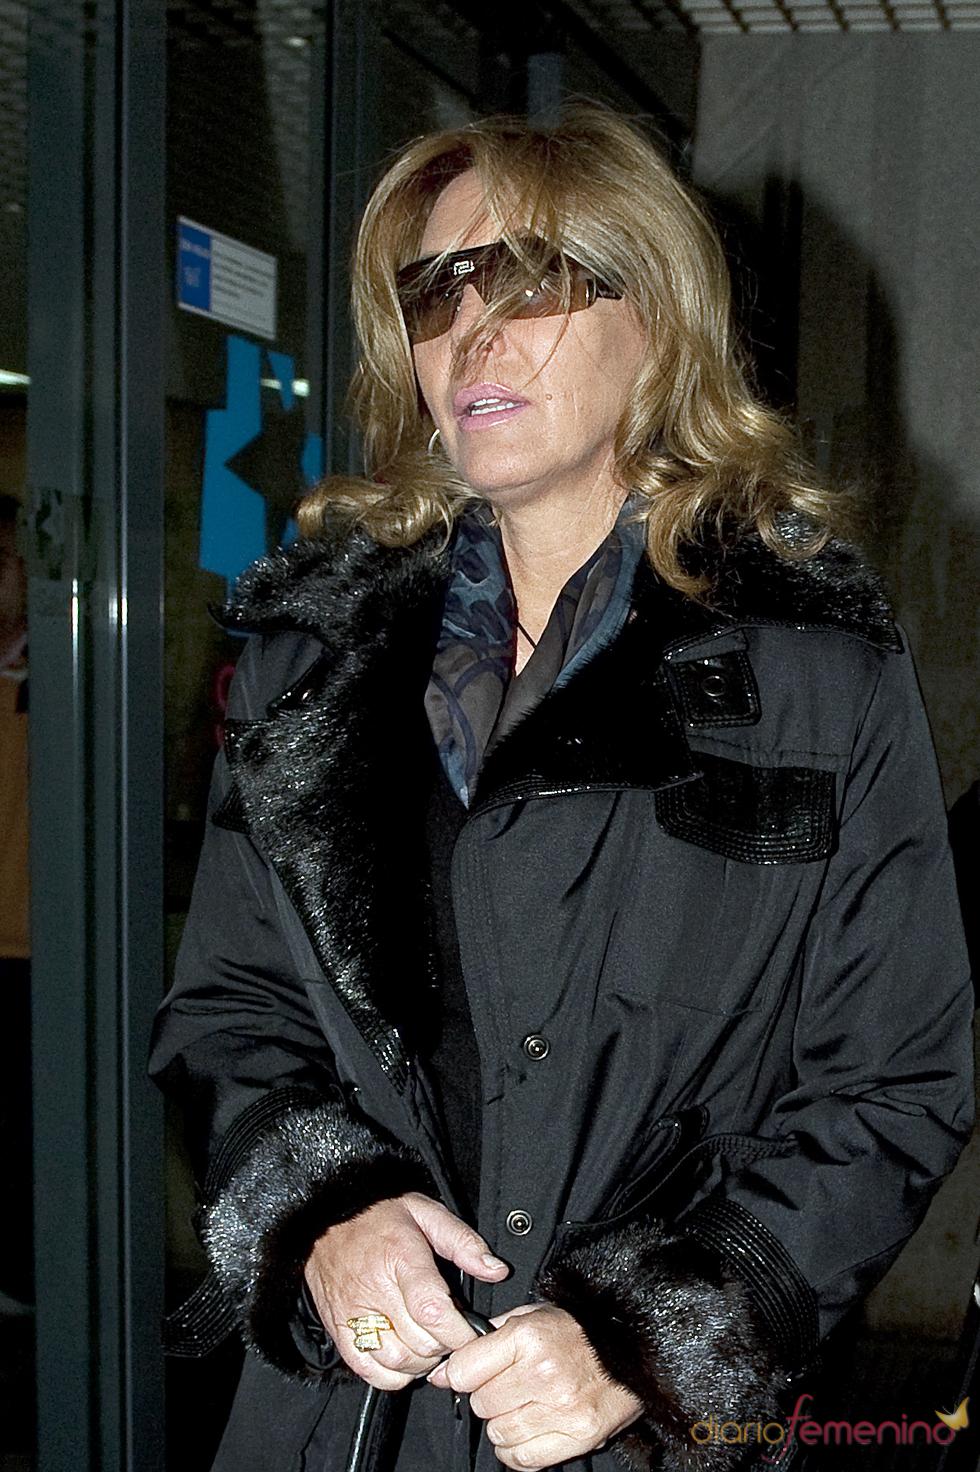 Norma Duval, desolada por la muerte de su hermana Carla